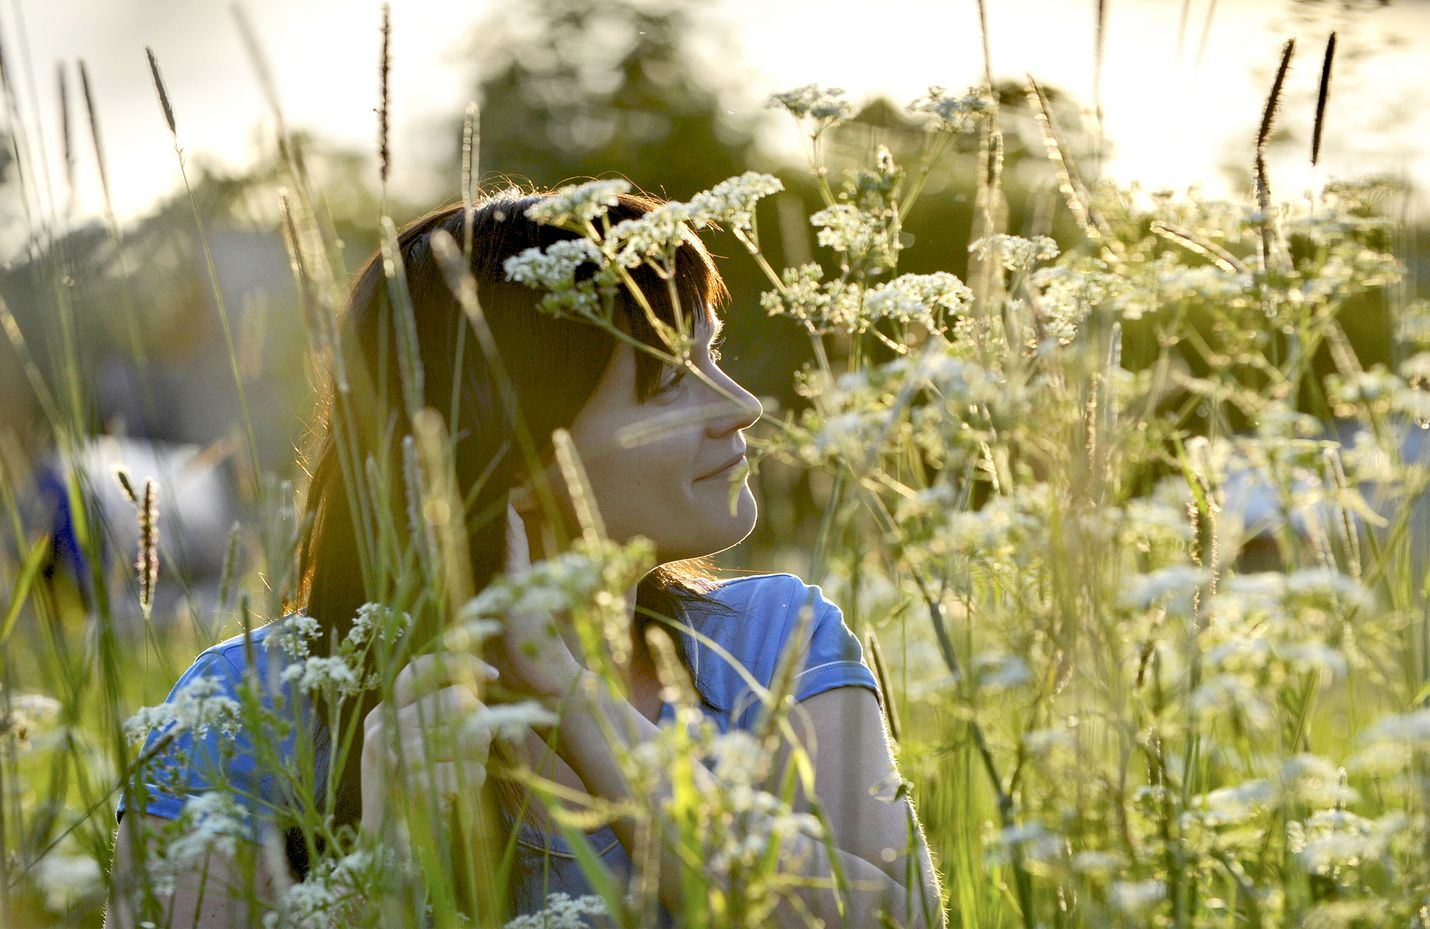 Tänä juhannuksena aurinko on pilkahdellut hetkittäin. Kuva: LS-arkisto/ Esa Urhonen